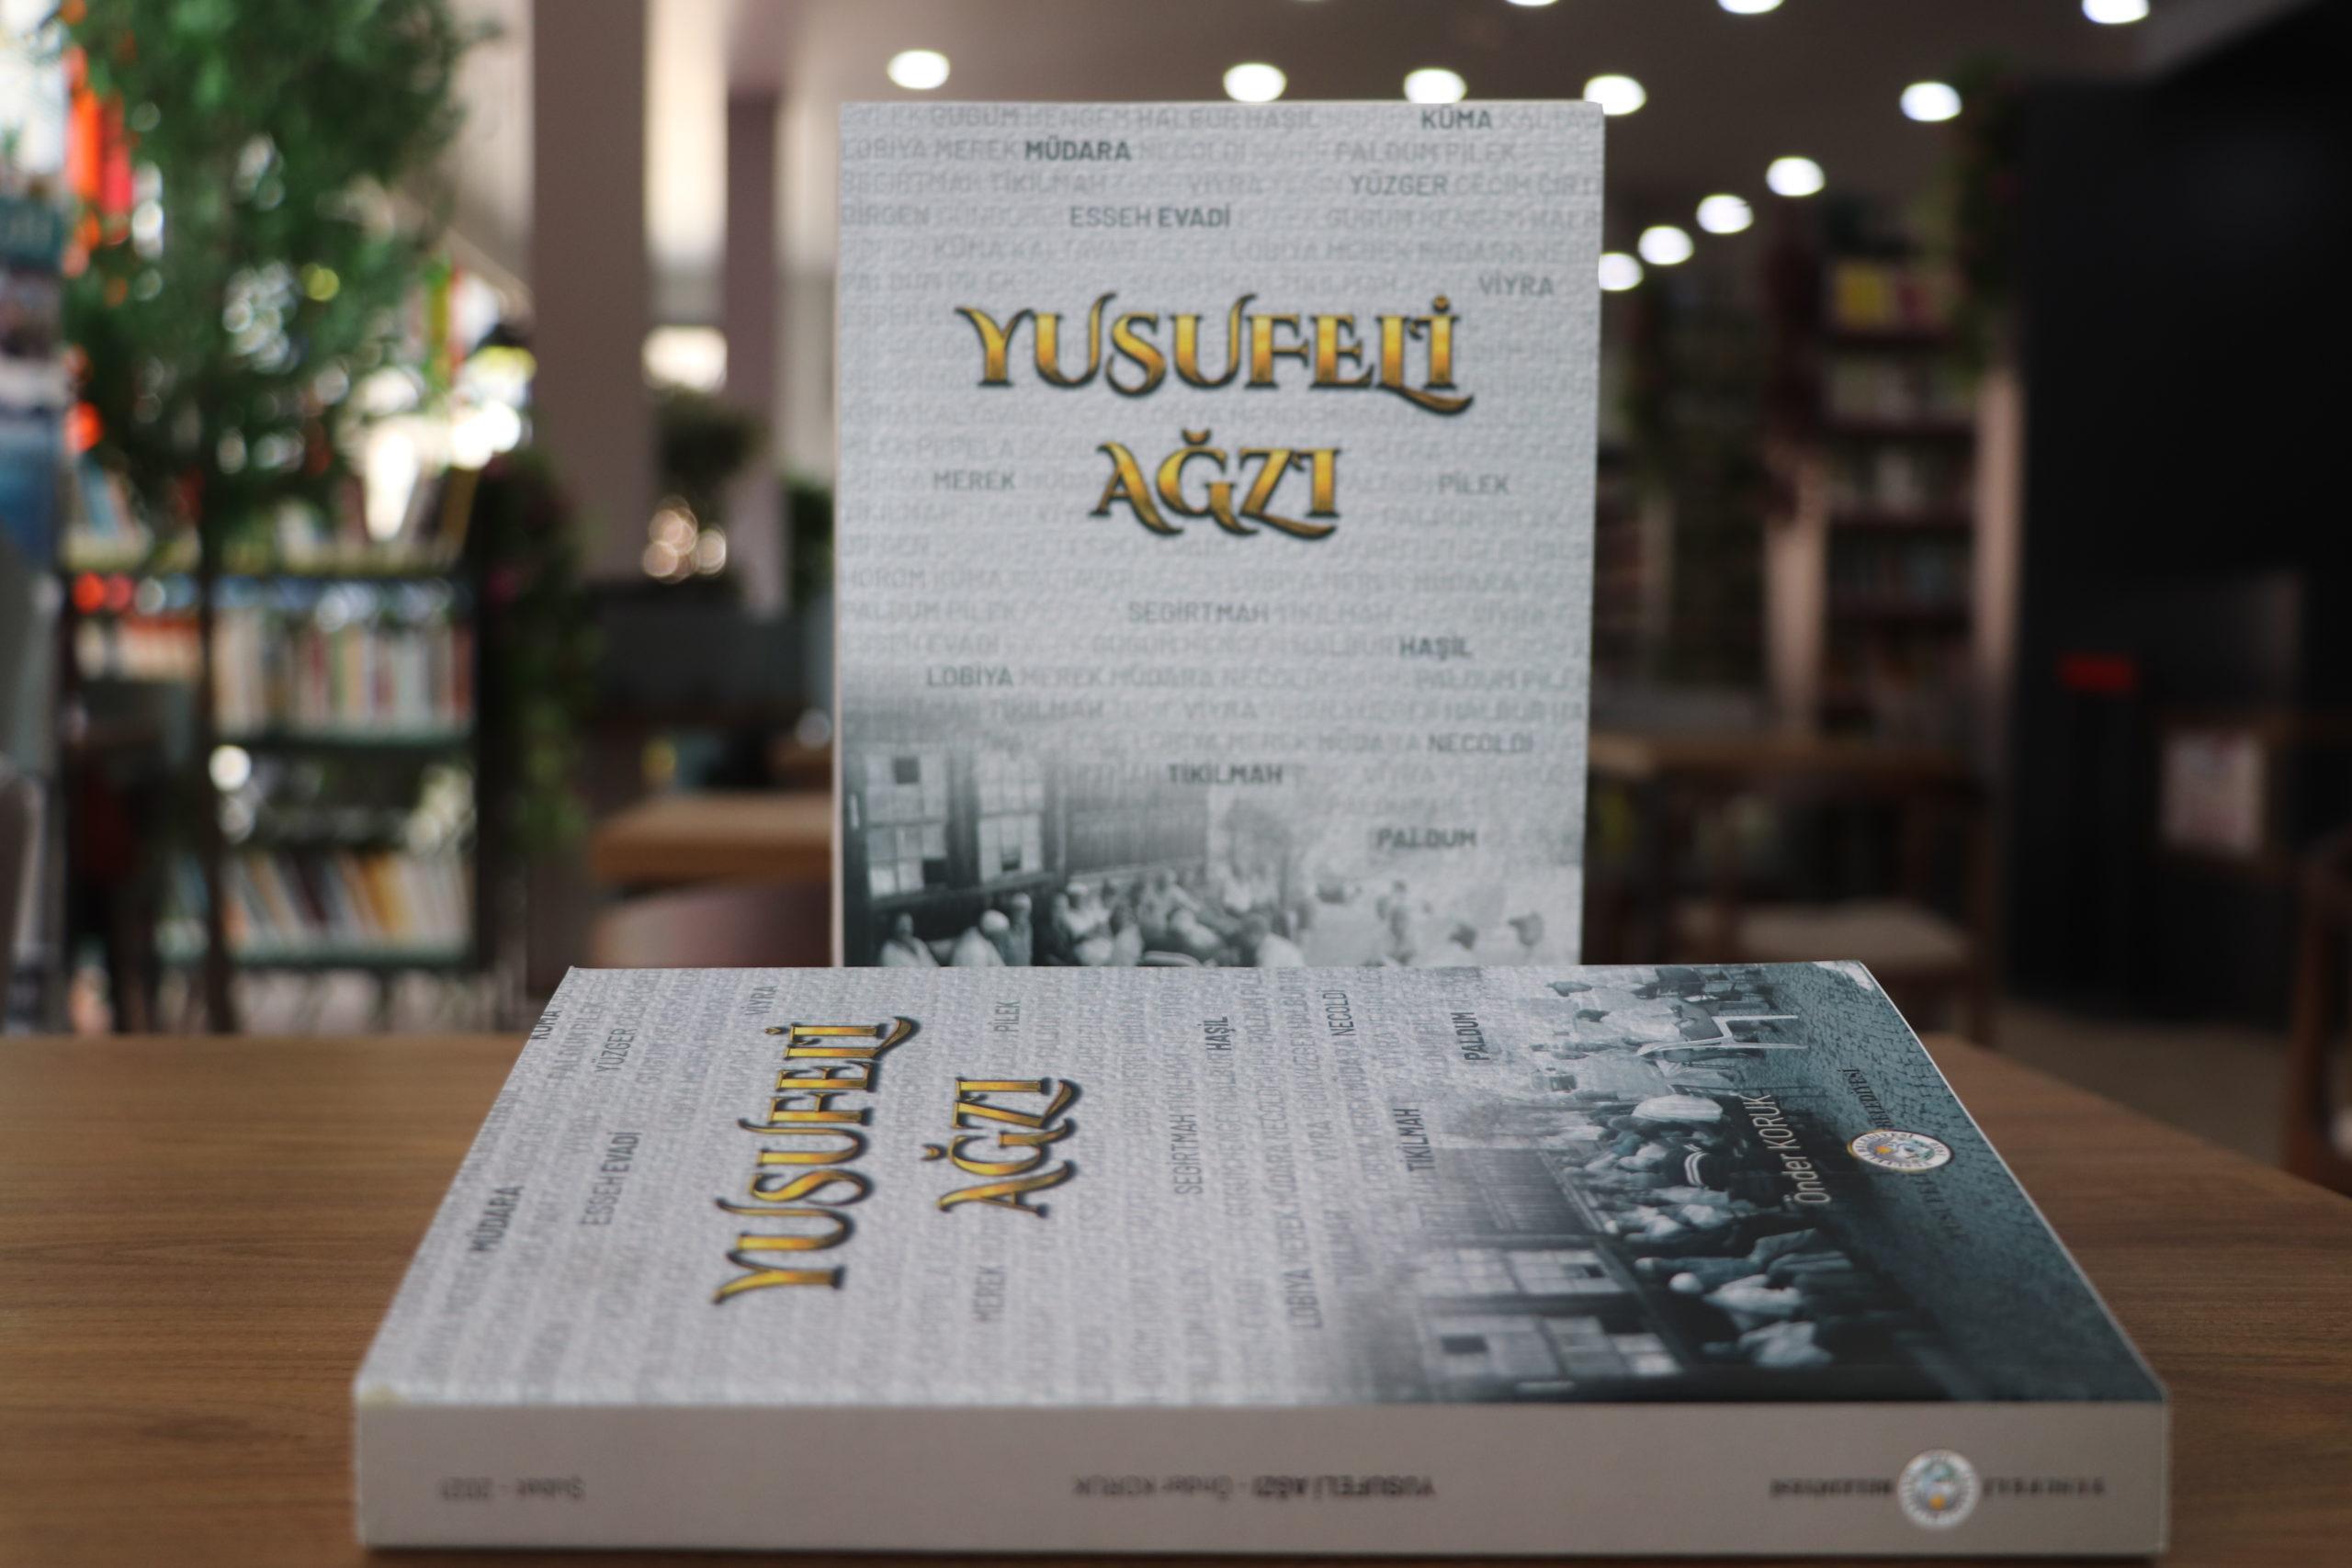 Artvin 'Yusufeli Ağzı' Kitaplaştırıldı